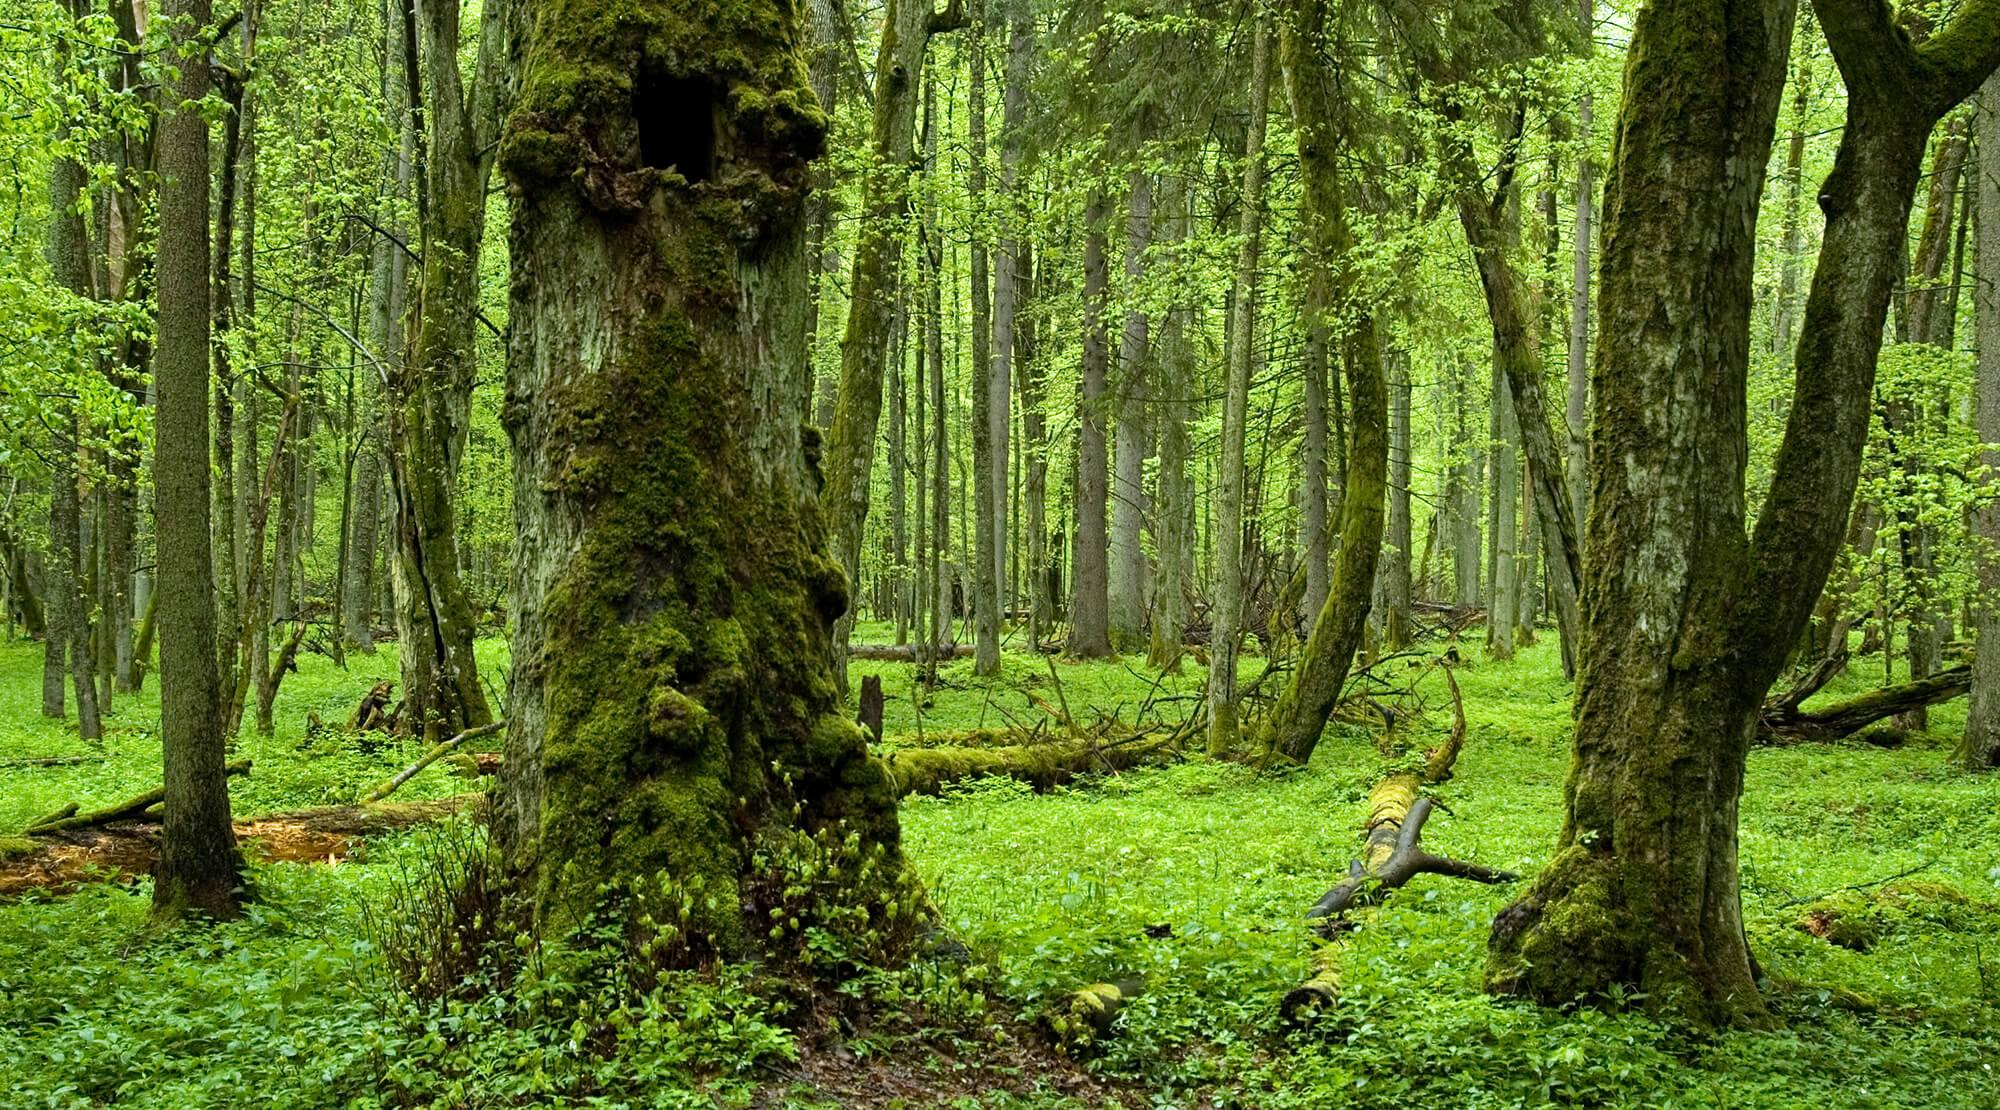 Letzter Urwald Europas